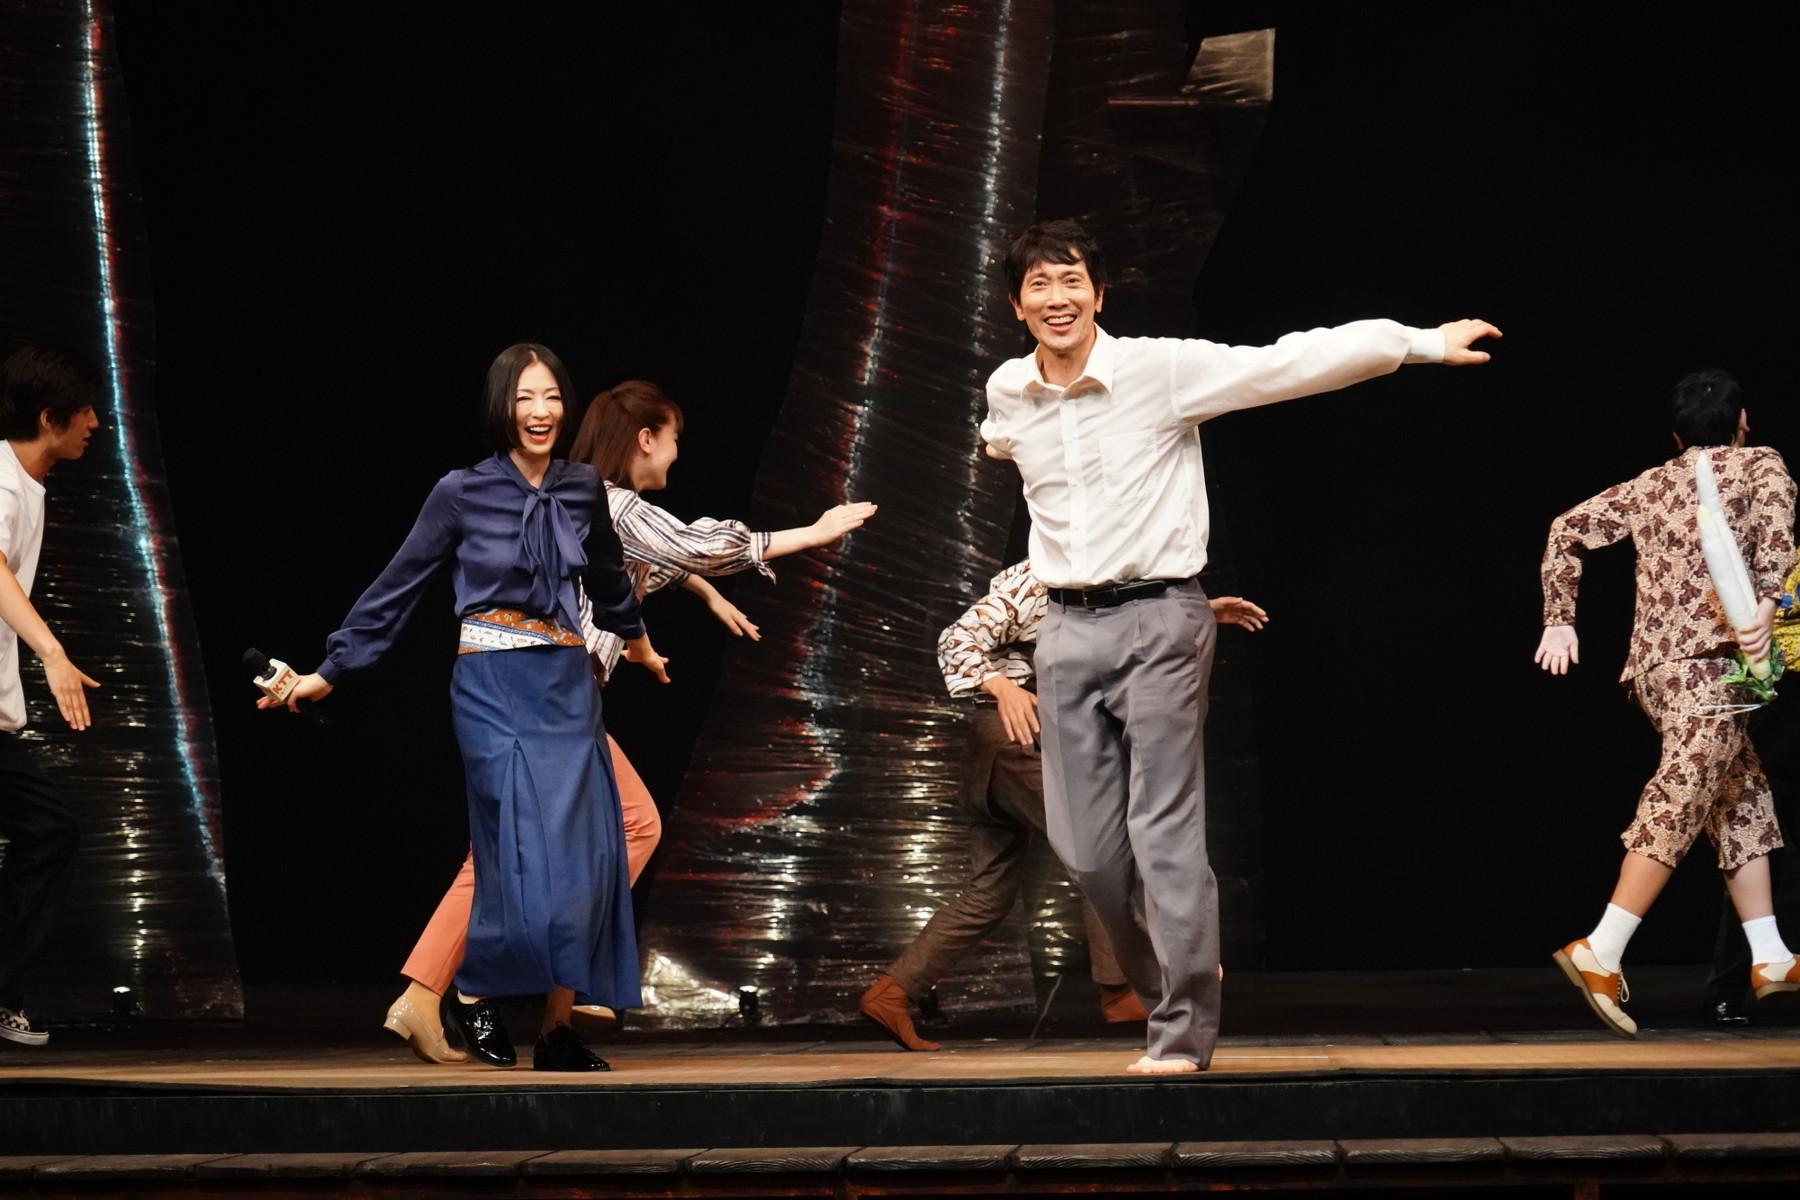 左から 松雪泰子、佐々木蔵之介 撮影:田中亜紀